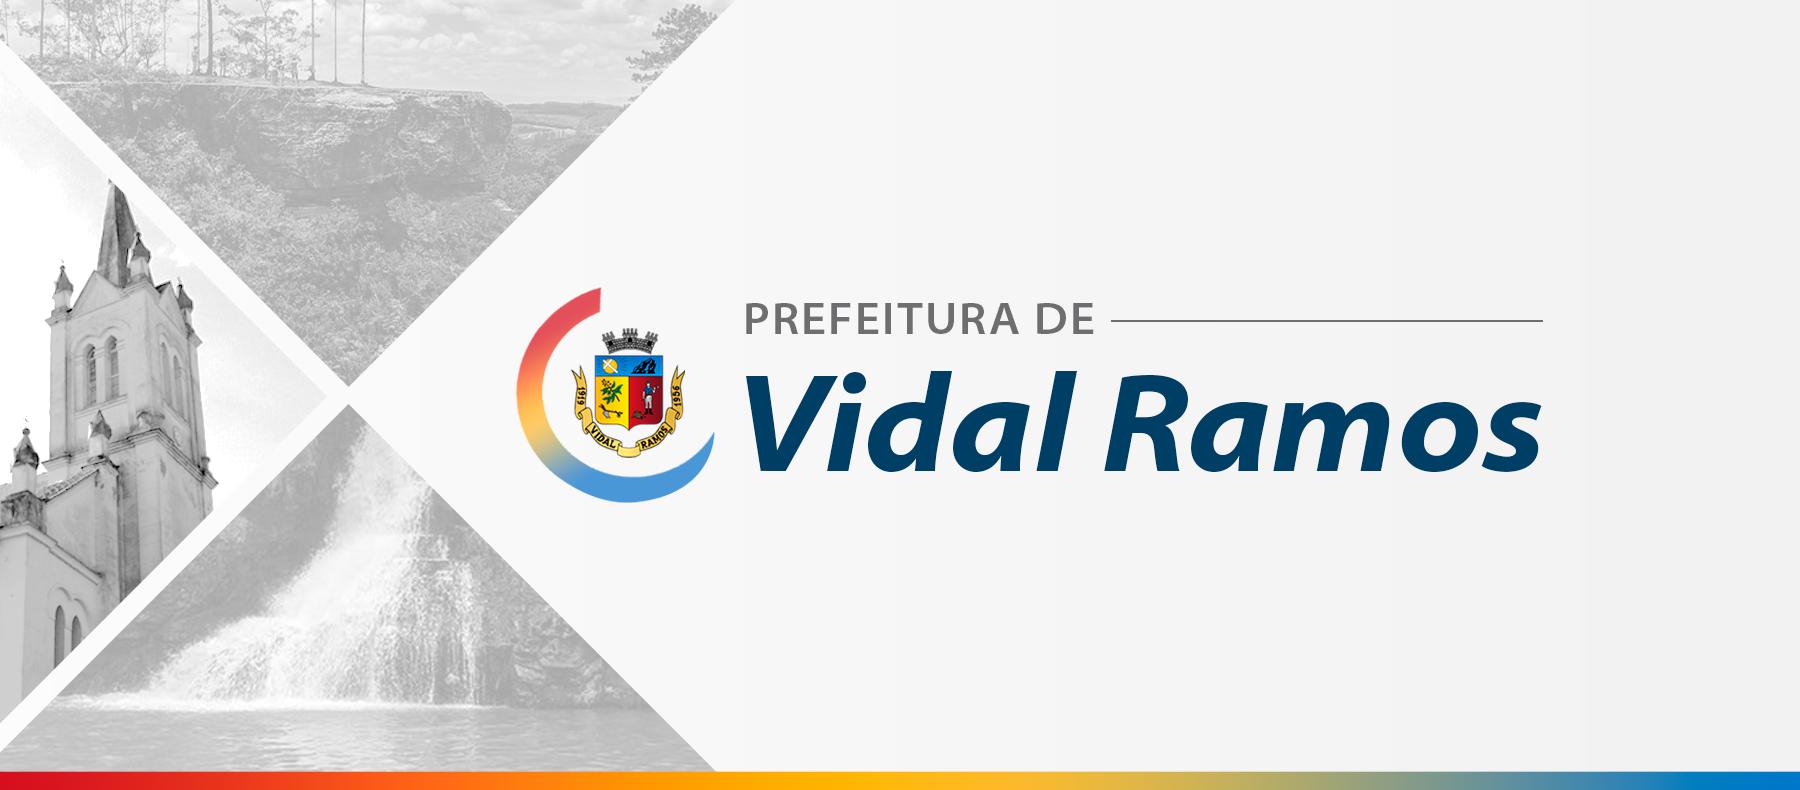 Credenciamento de agricultores para prestação de serviços encerra dia 30 de abril em Vidal Ramos